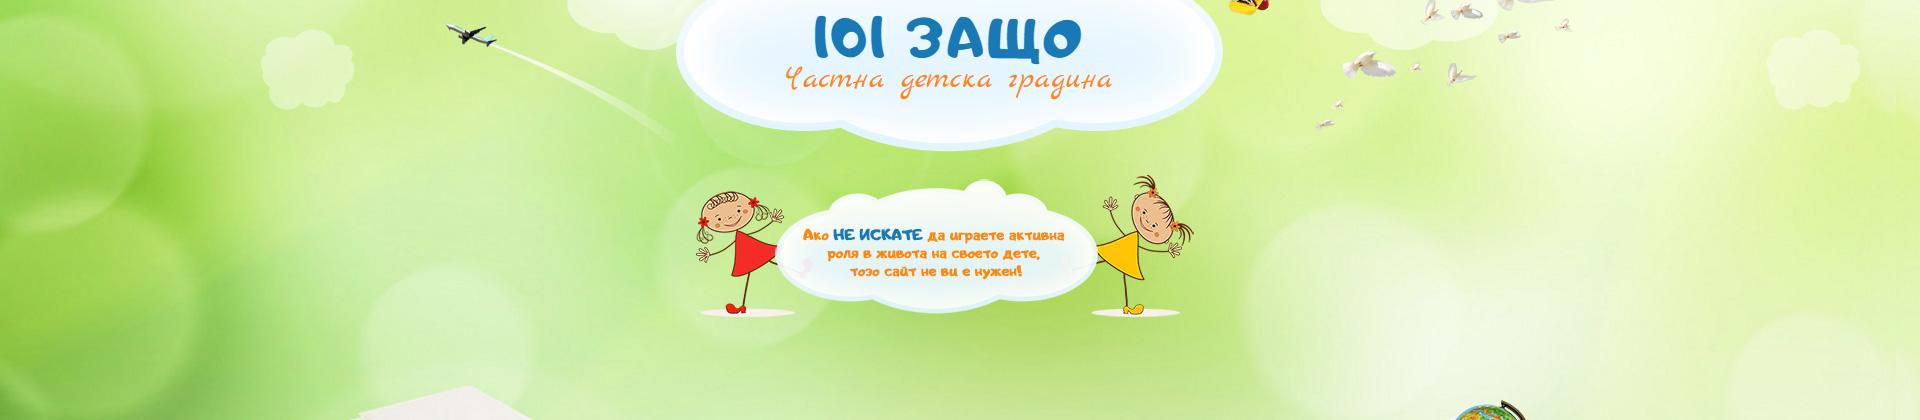 slide-101